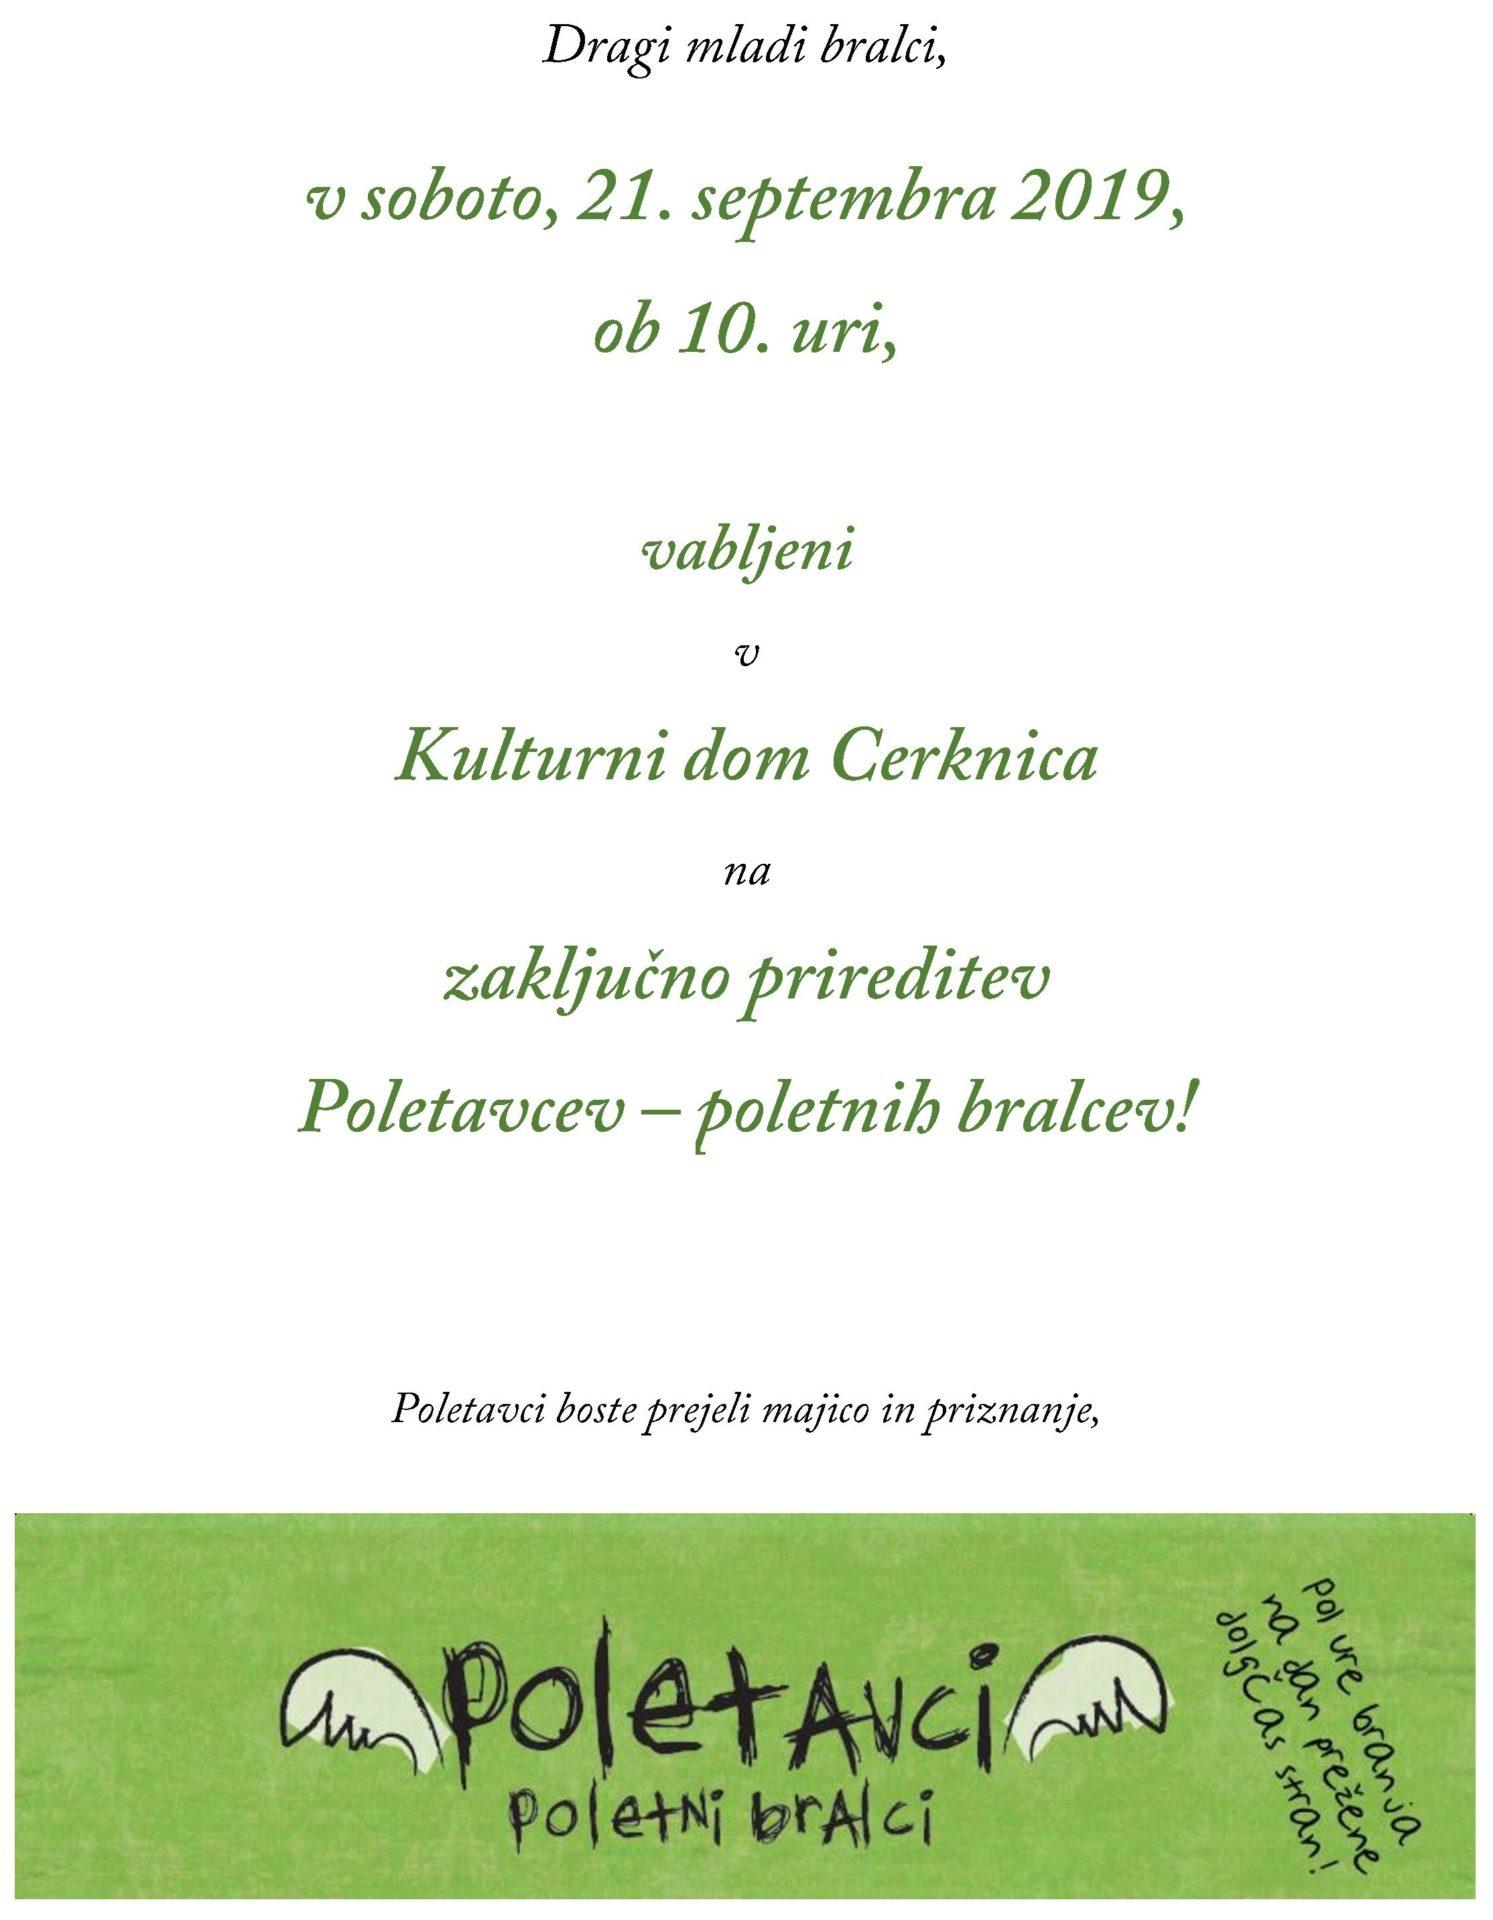 cover 8 - Dan za Poletavce